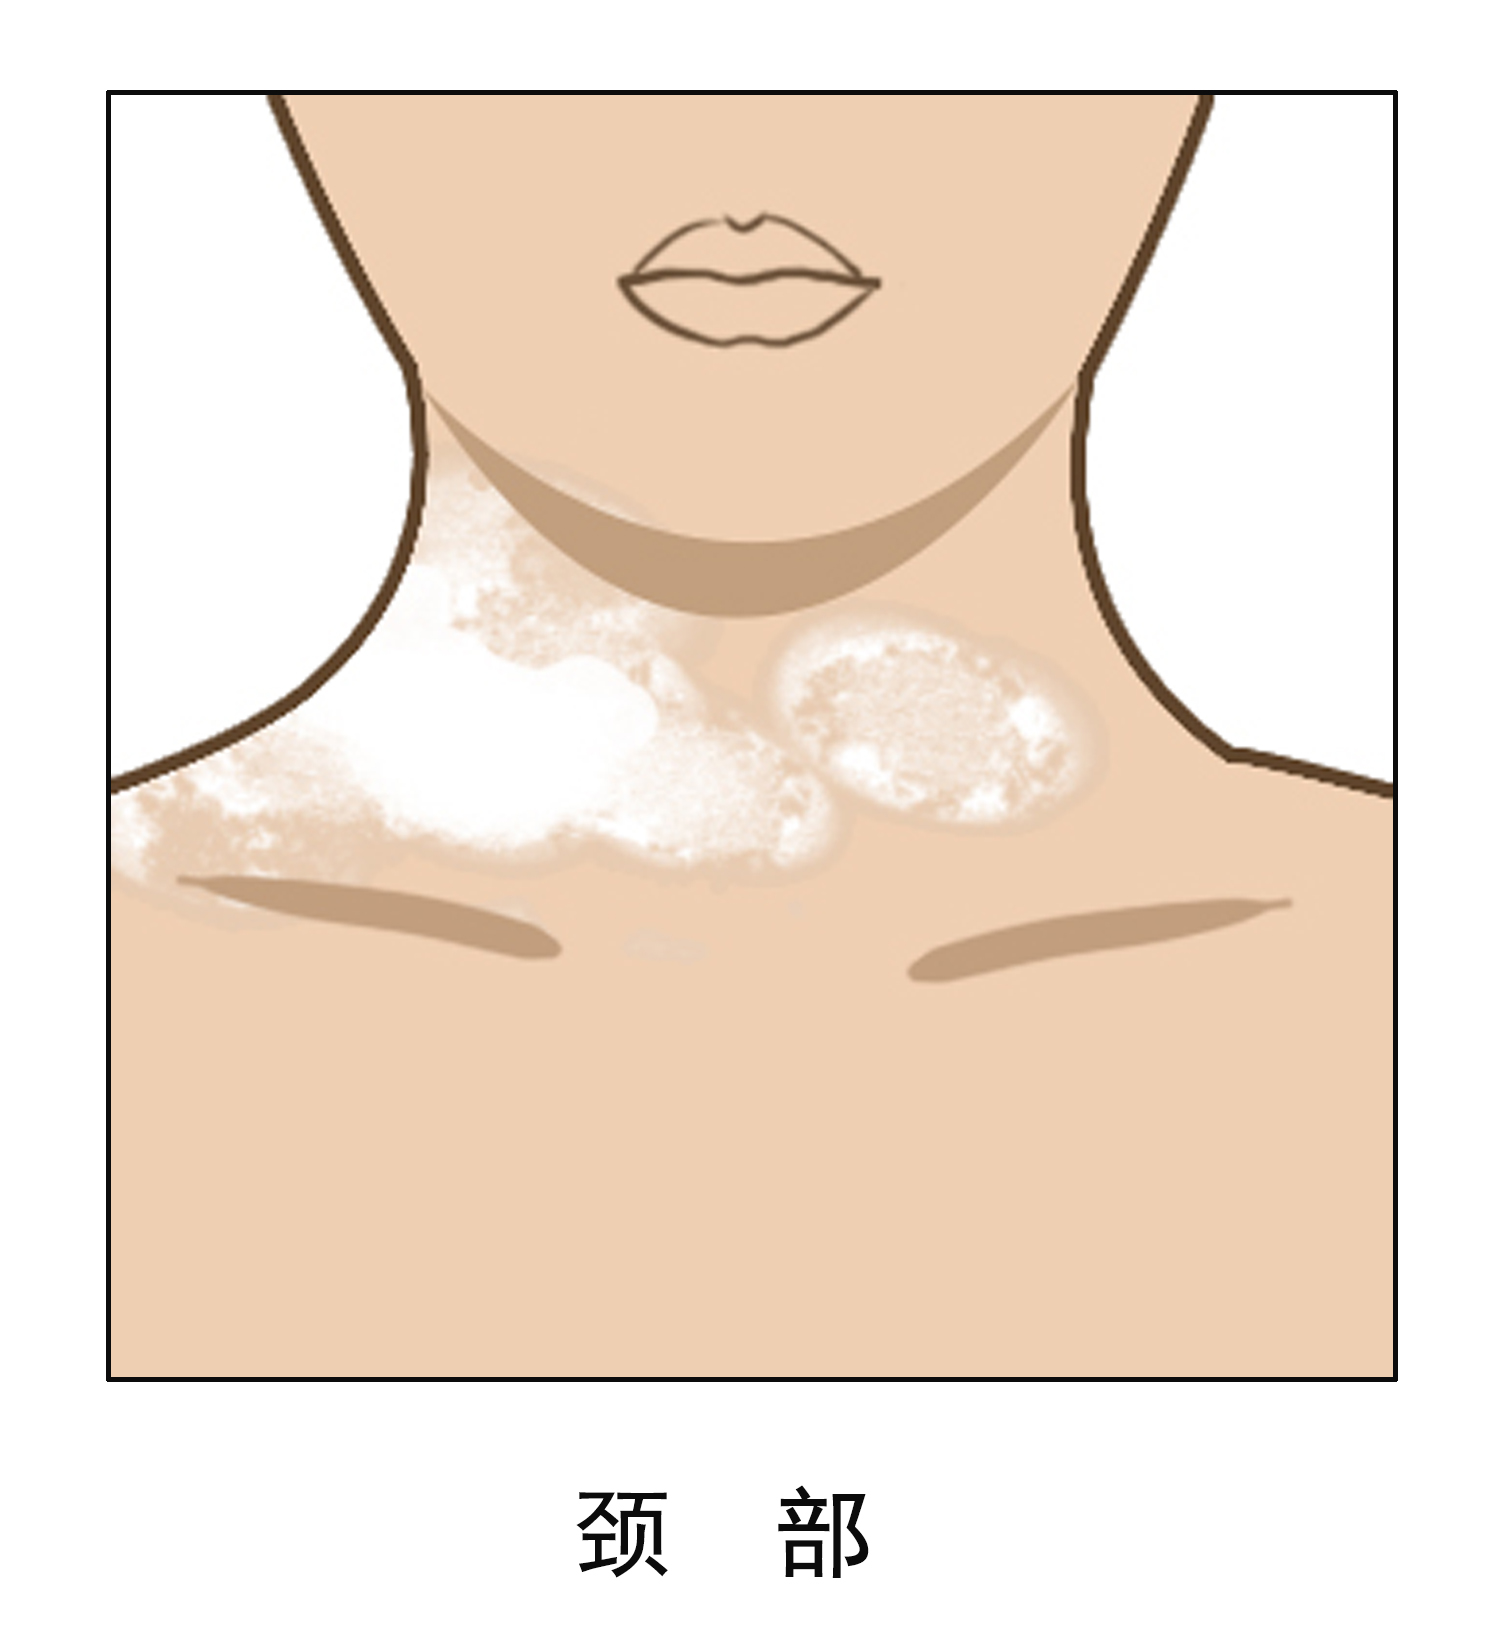 为什么女性颈部白斑会扩散